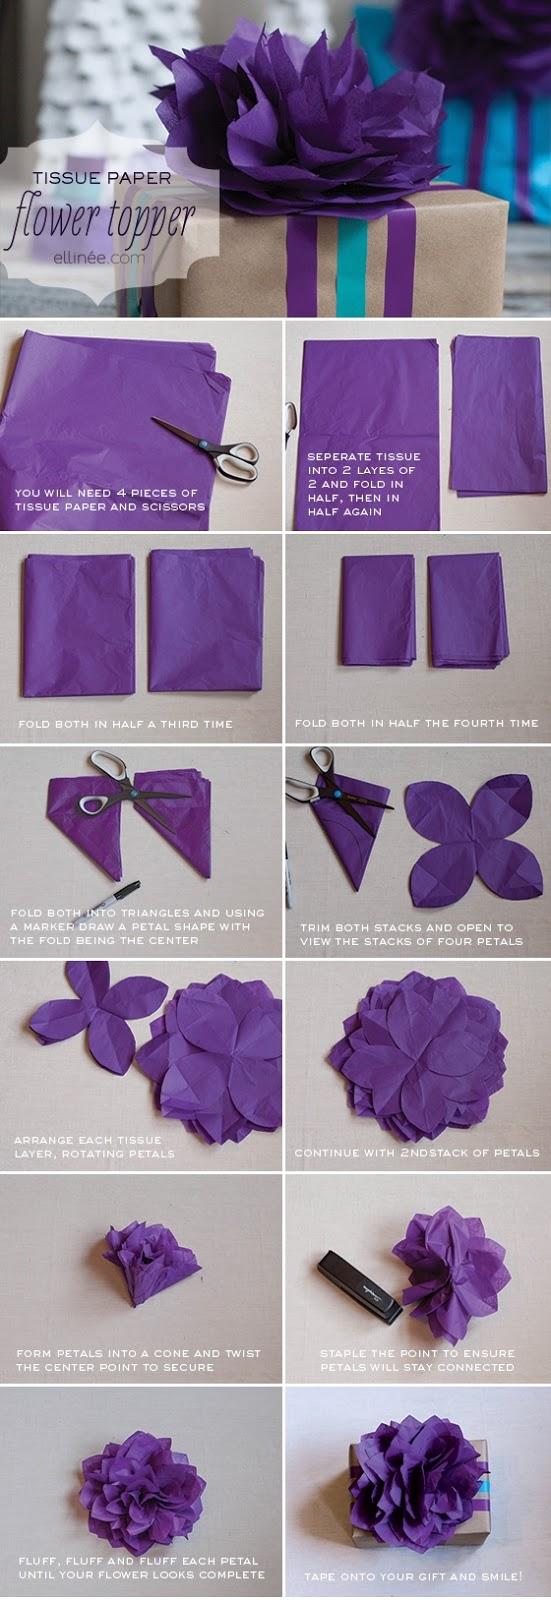 3040d794141e7 Blog bem bacana com arranjos de flores e decoração para festas, vale a pena  conferir -  http   dulcineiasemadalenas.blogspot.com.br 2012 07 01 archive.html